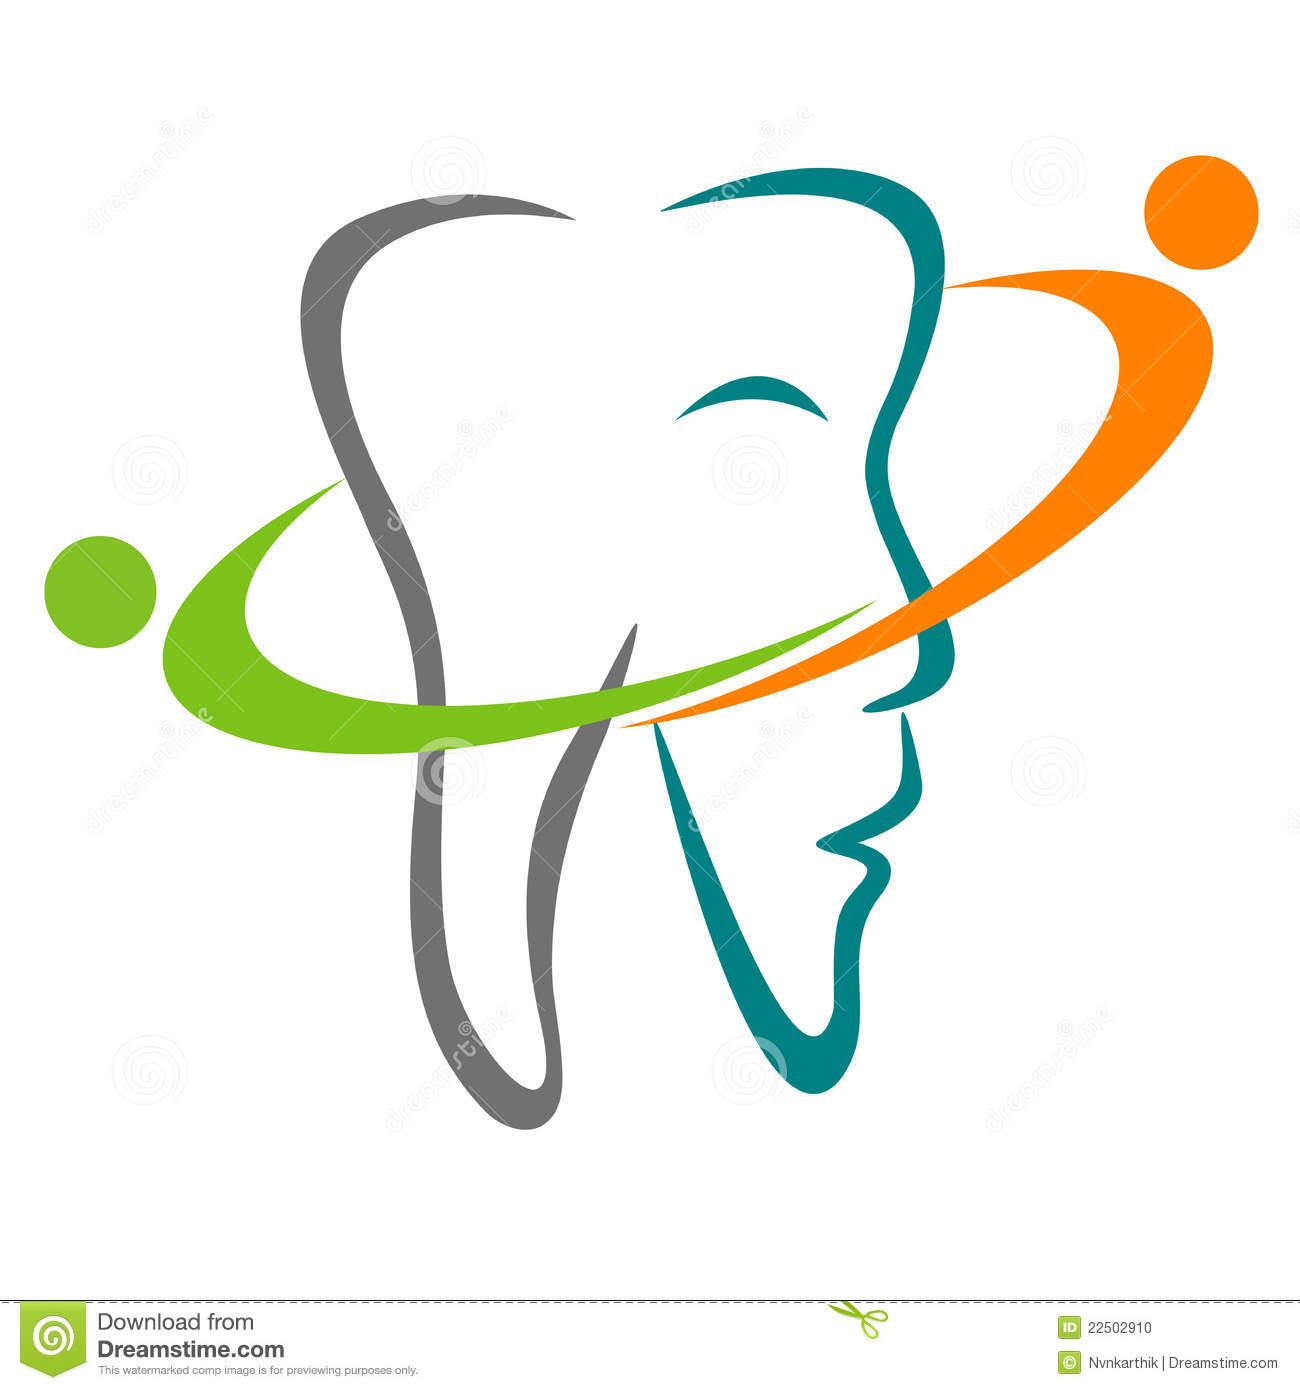 1300x1390 Captivating Dental Logo Design Free 84 For Logo Images With Dental